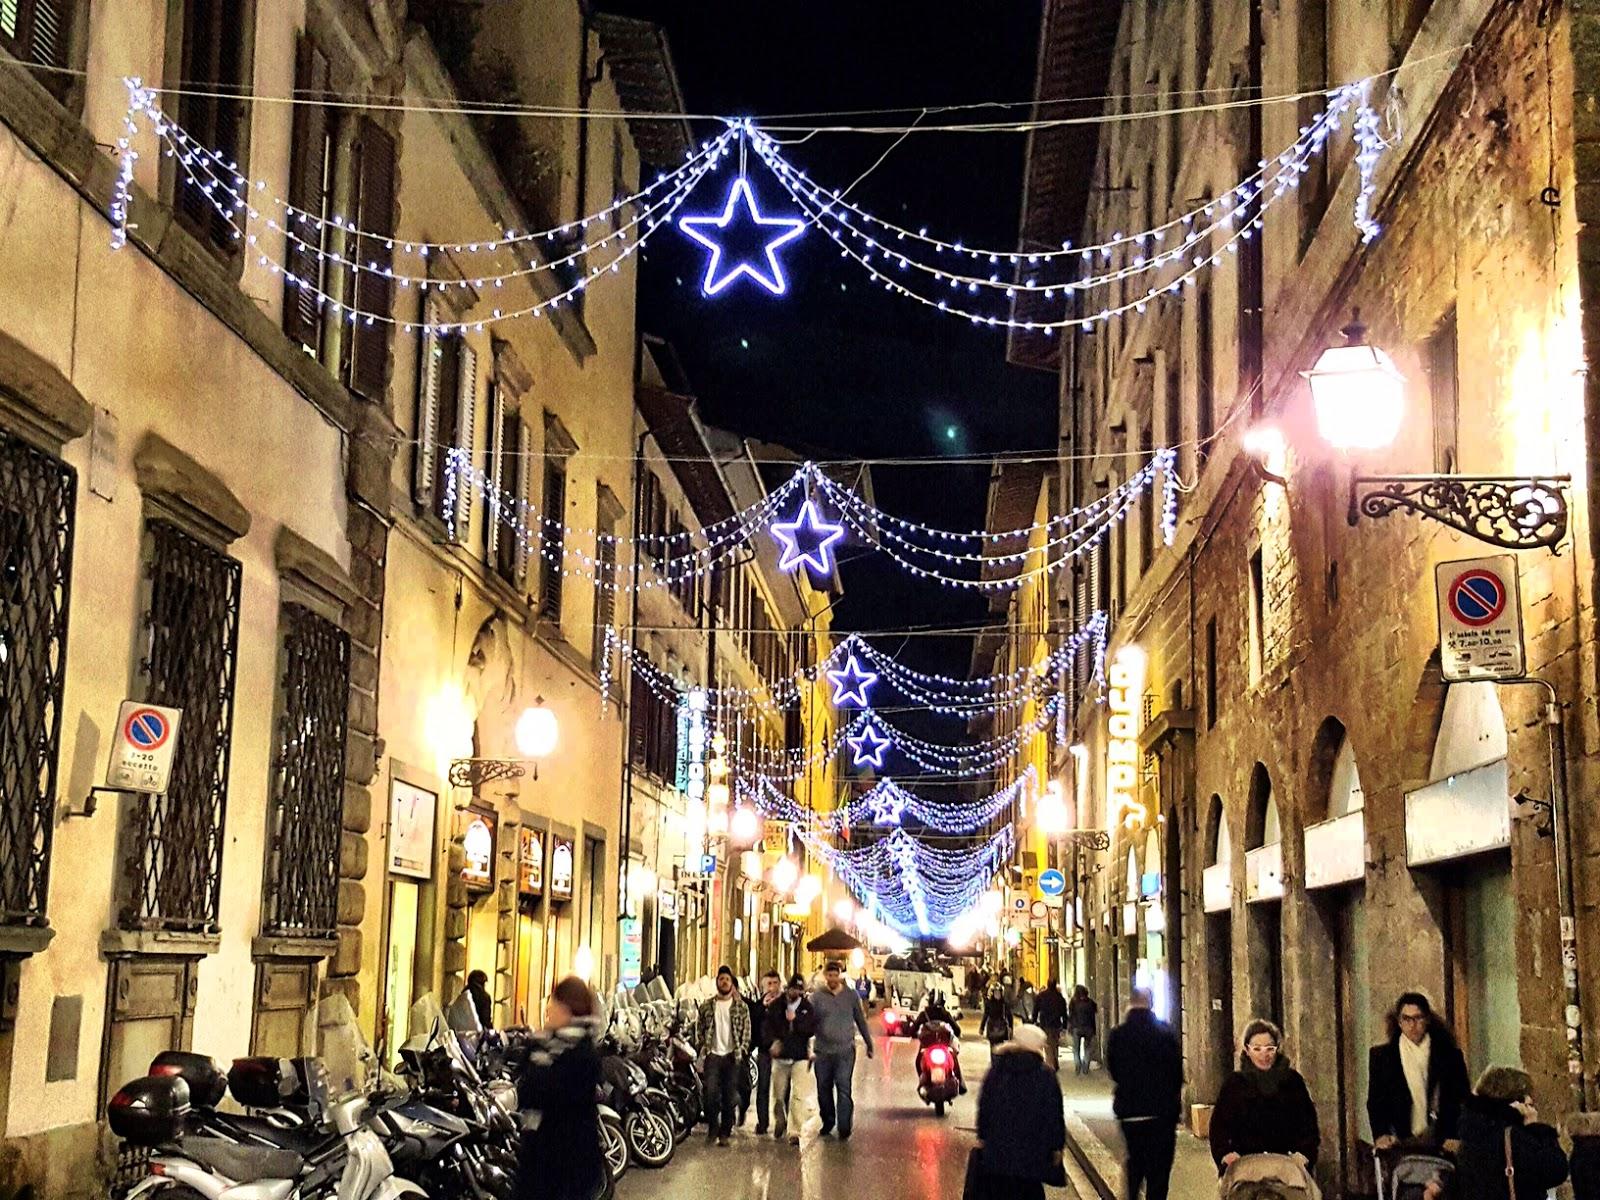 Natale Torino : Illuminazione Natale Torino : Illuminazione Natale ...